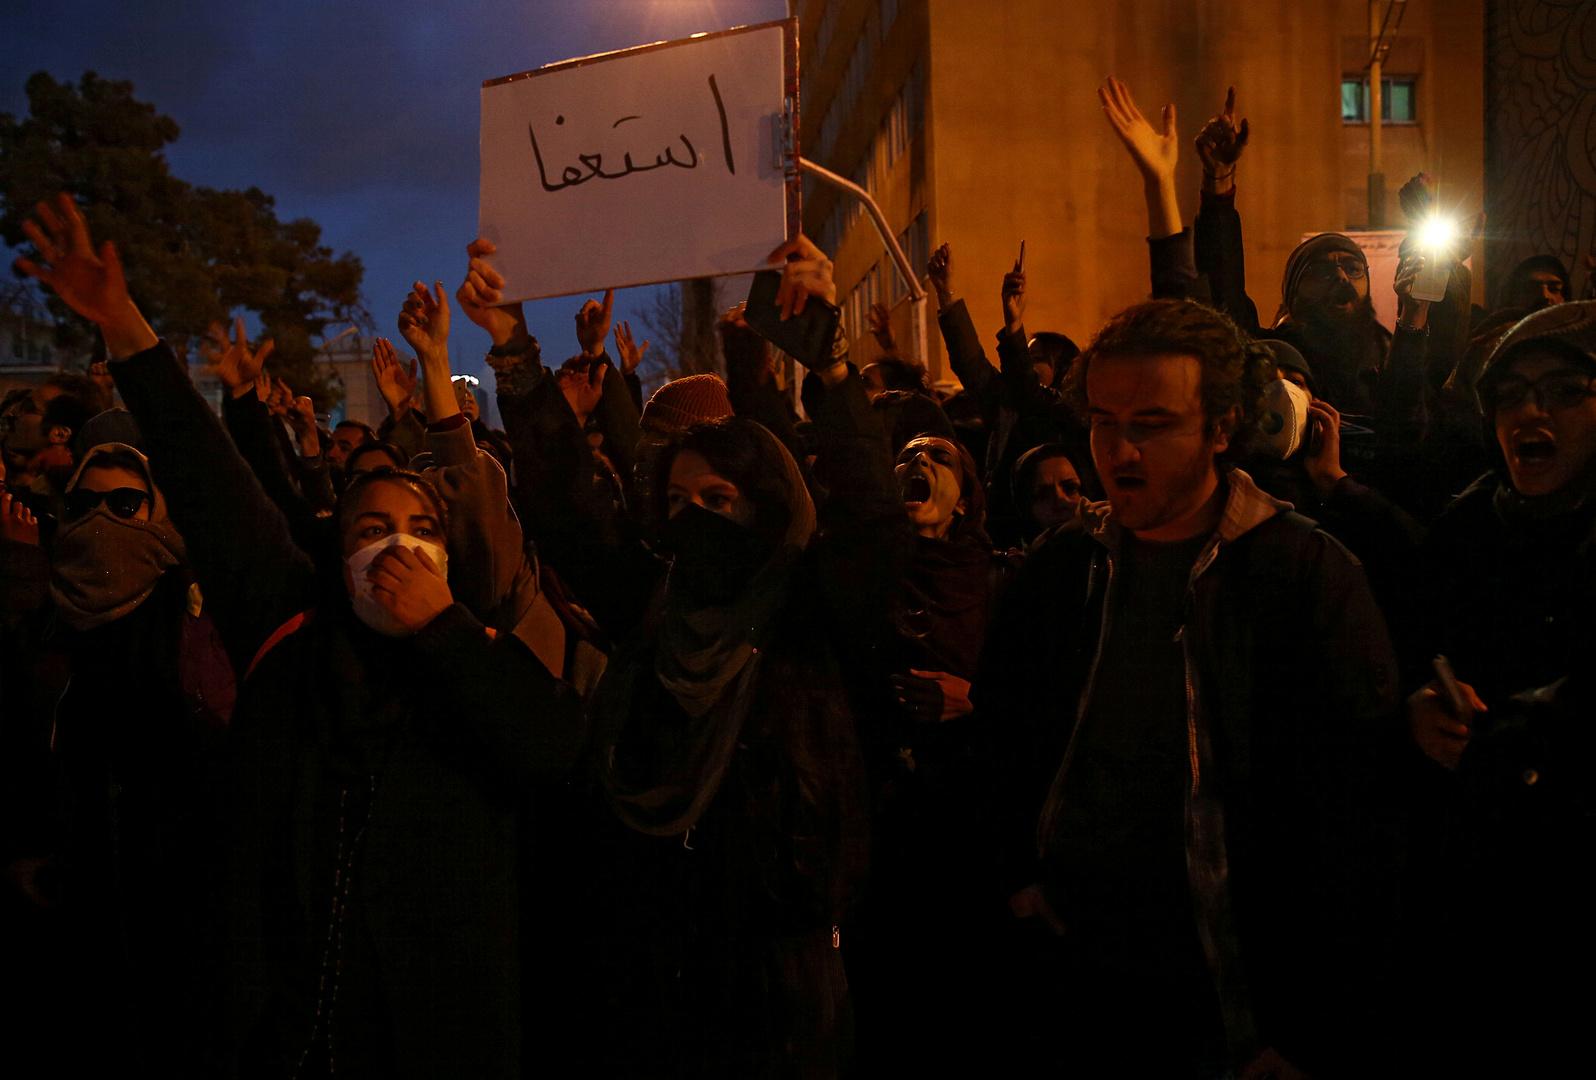 شرطة طهران تنفي إطلاق النار على متظاهرين: نتعامل معهم بصبر وتسامح